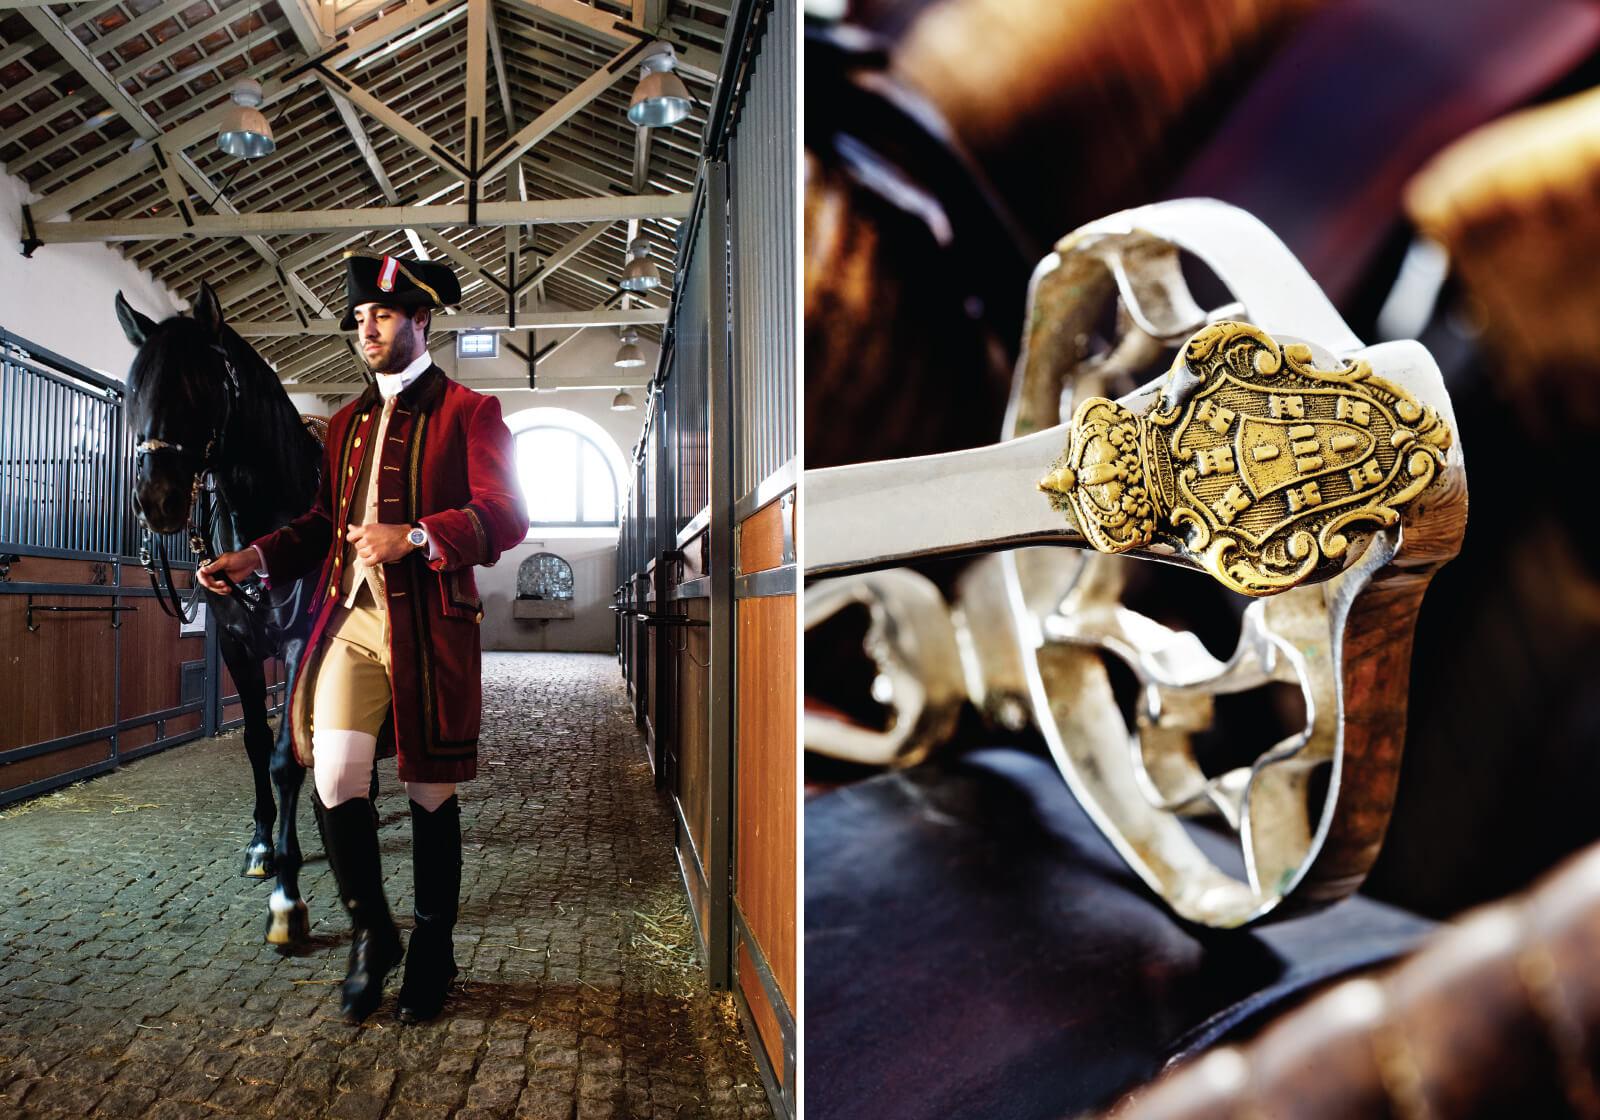 Jaeger-LeCoultre Master Grande Tradition Grande Complication Ref. Q5022480 Ouro rosa - Ø 45 mm, em fundo equestre envolvente   © Paulo Pires / Espiral do Tempo